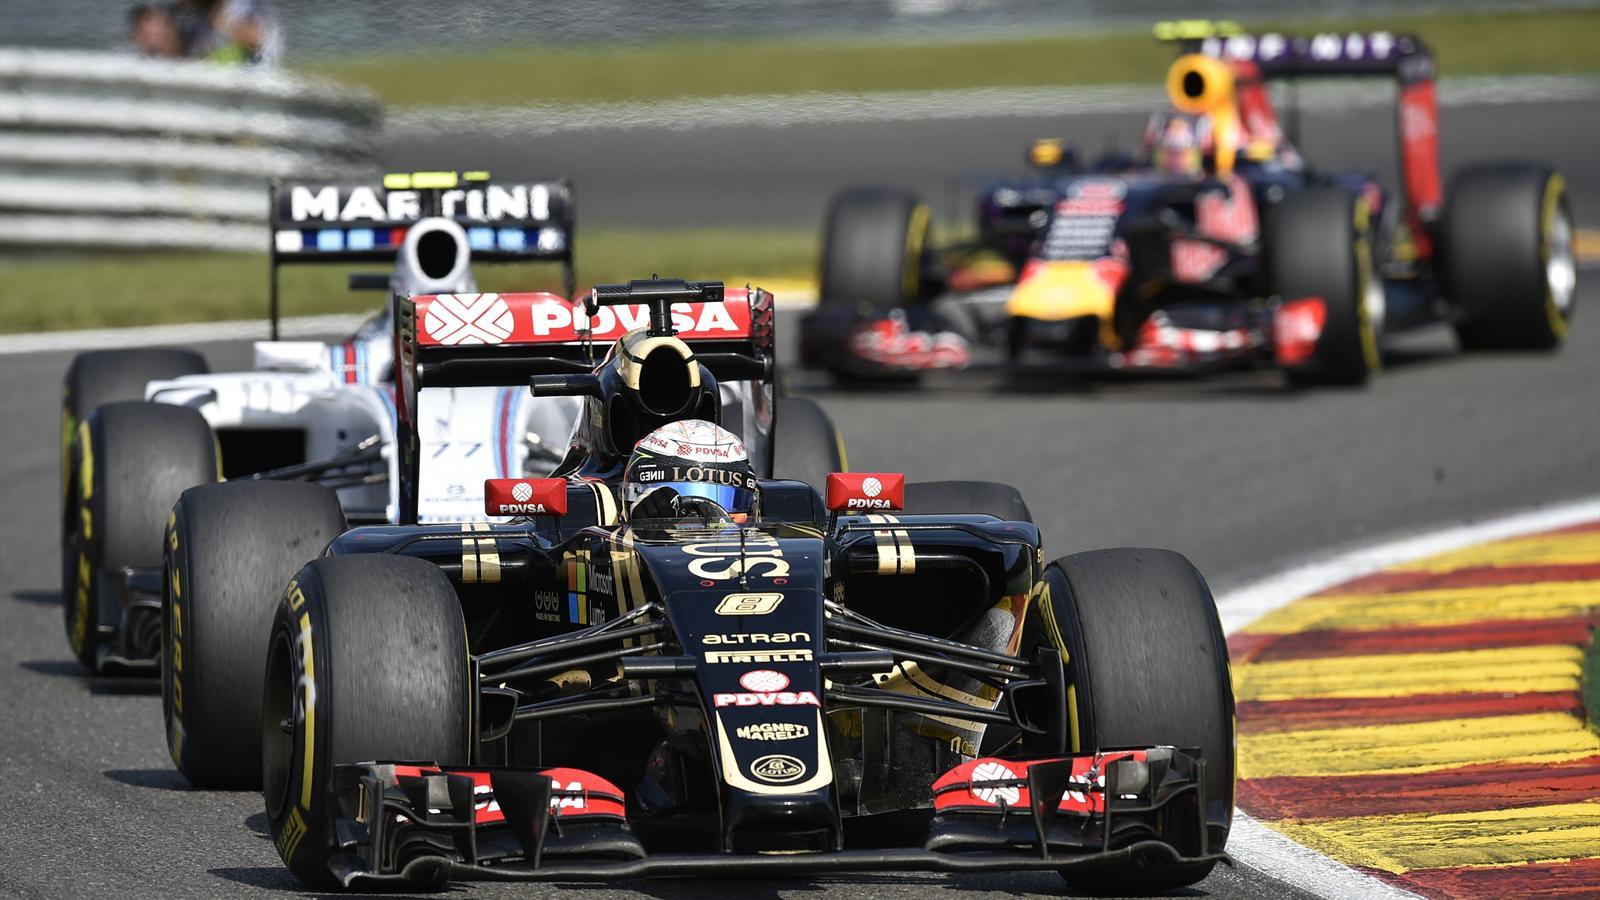 Romain Grosjean, au volant de sa Lotus, sur le circuit de Spa-Francorchamps - Grand Prix de Belgique 2015